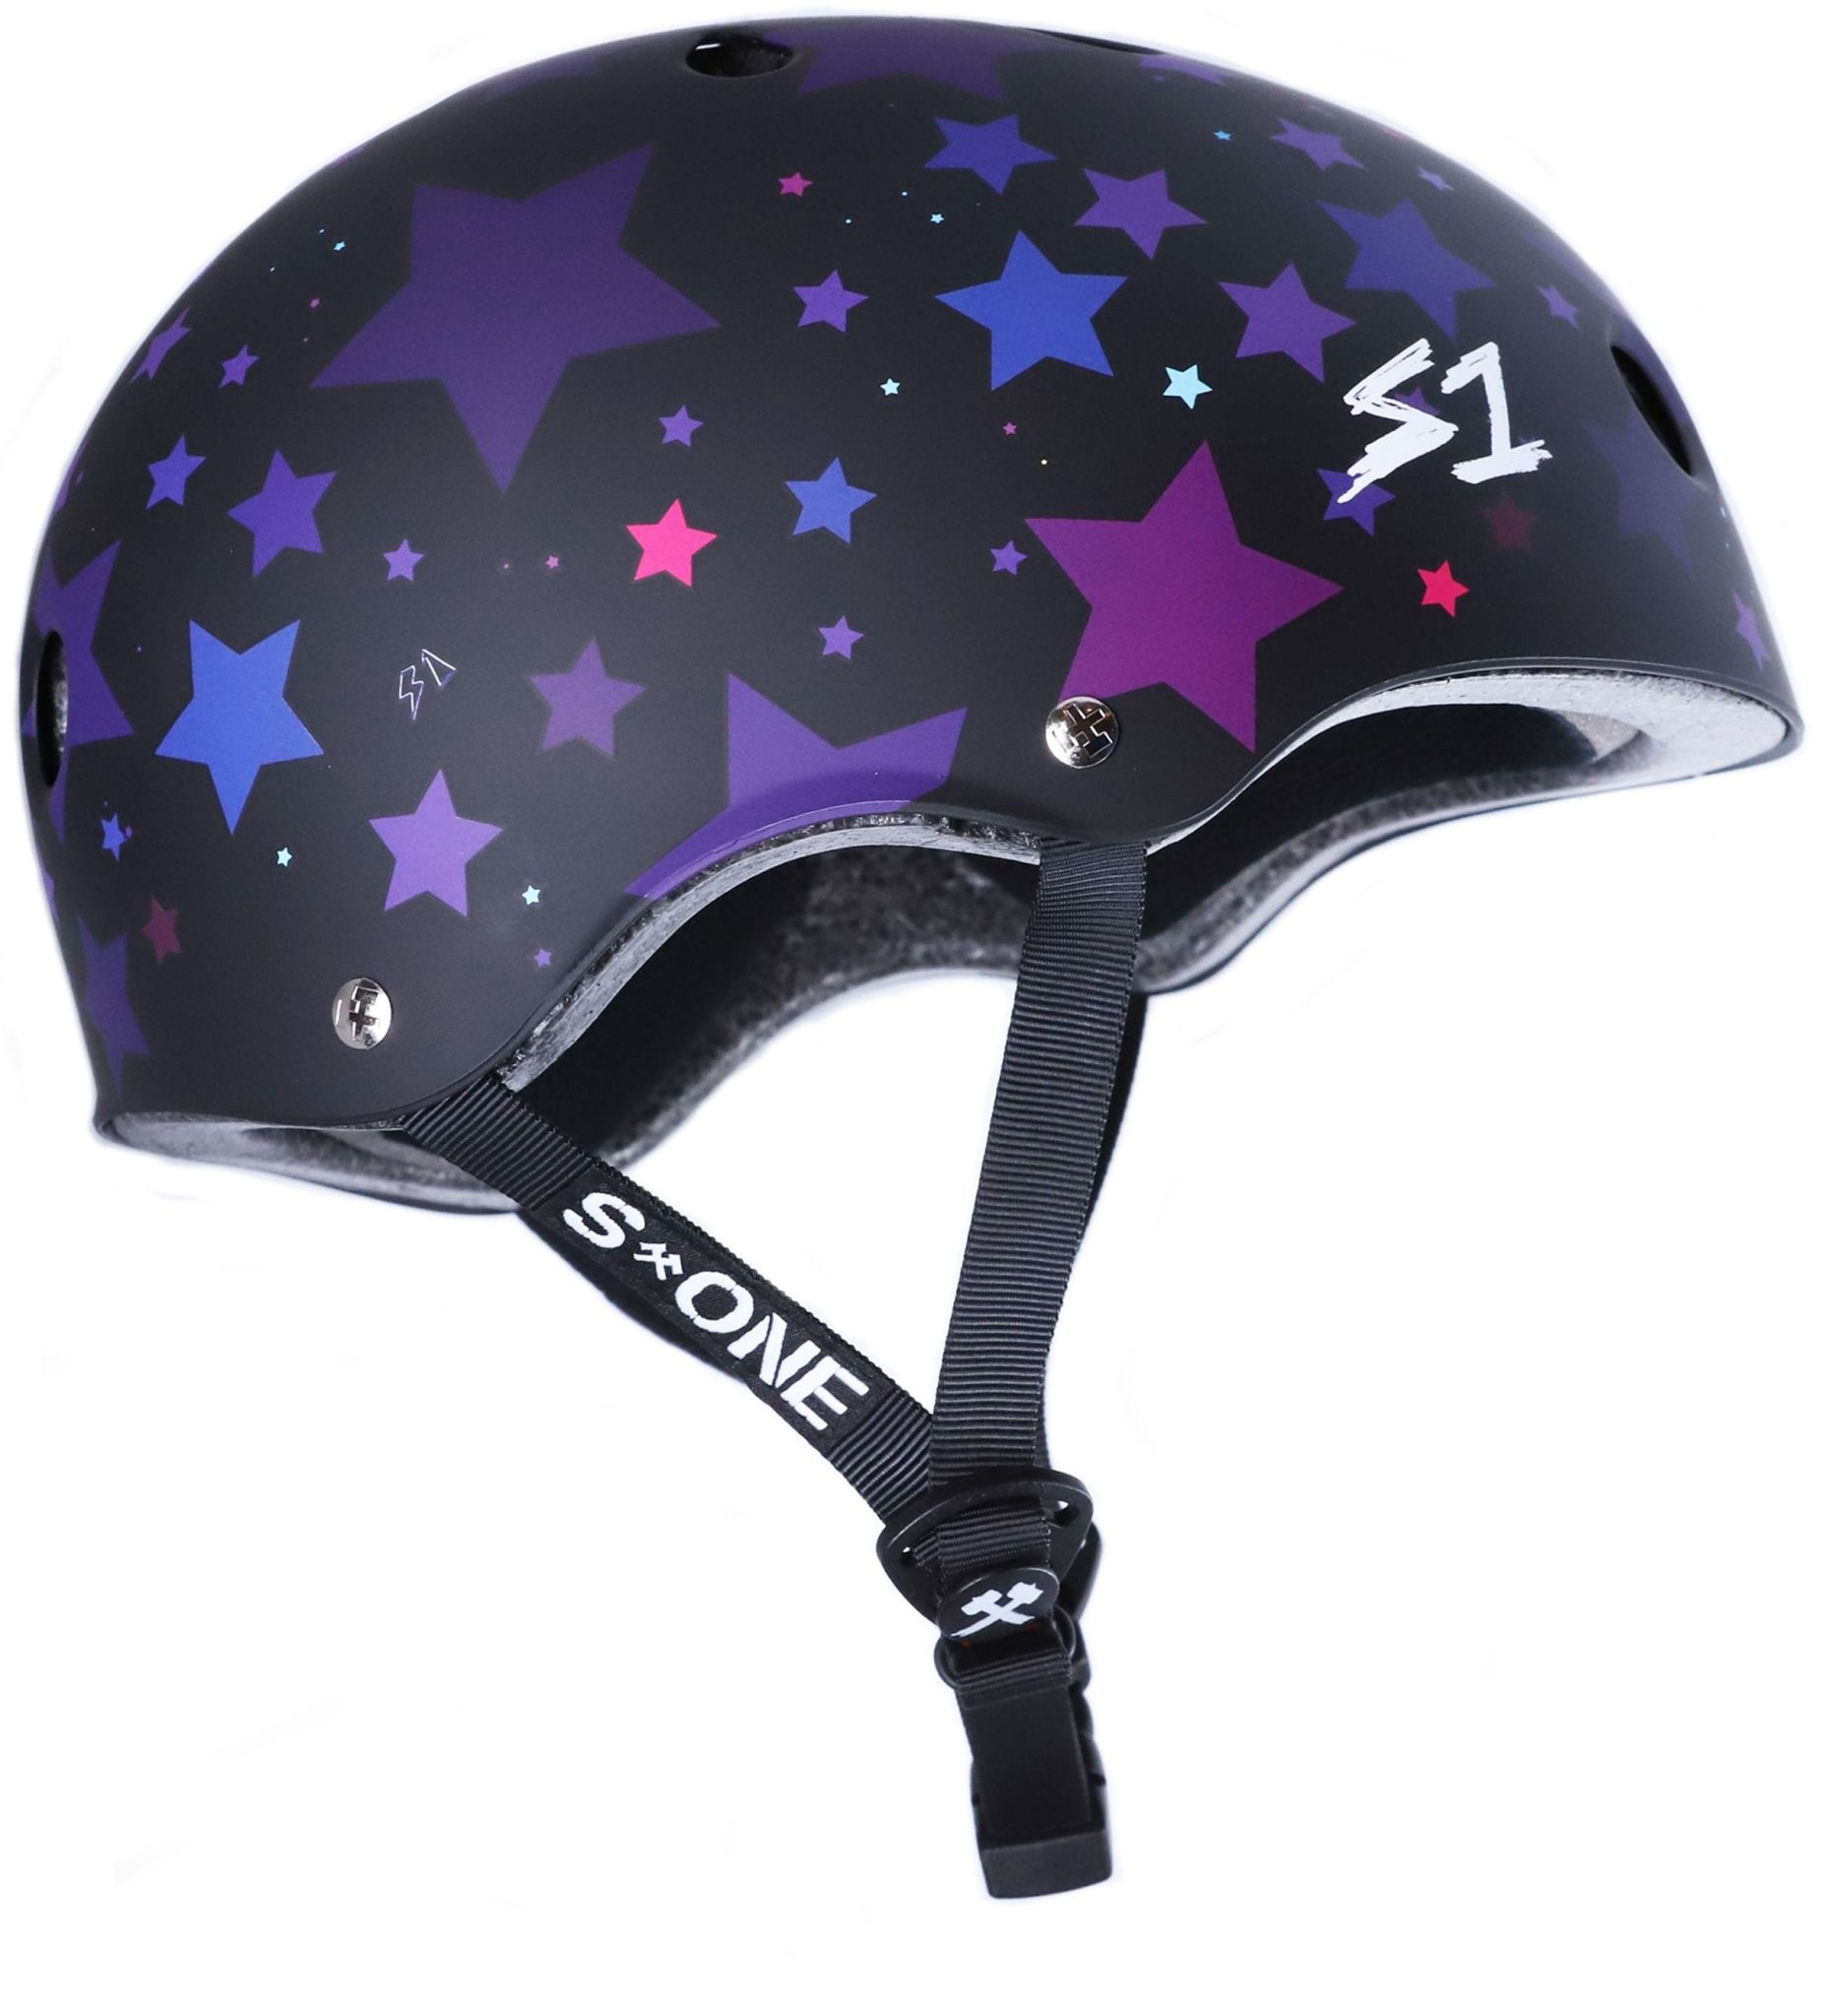 S-1 Lifer Helmet - Black Matte Star